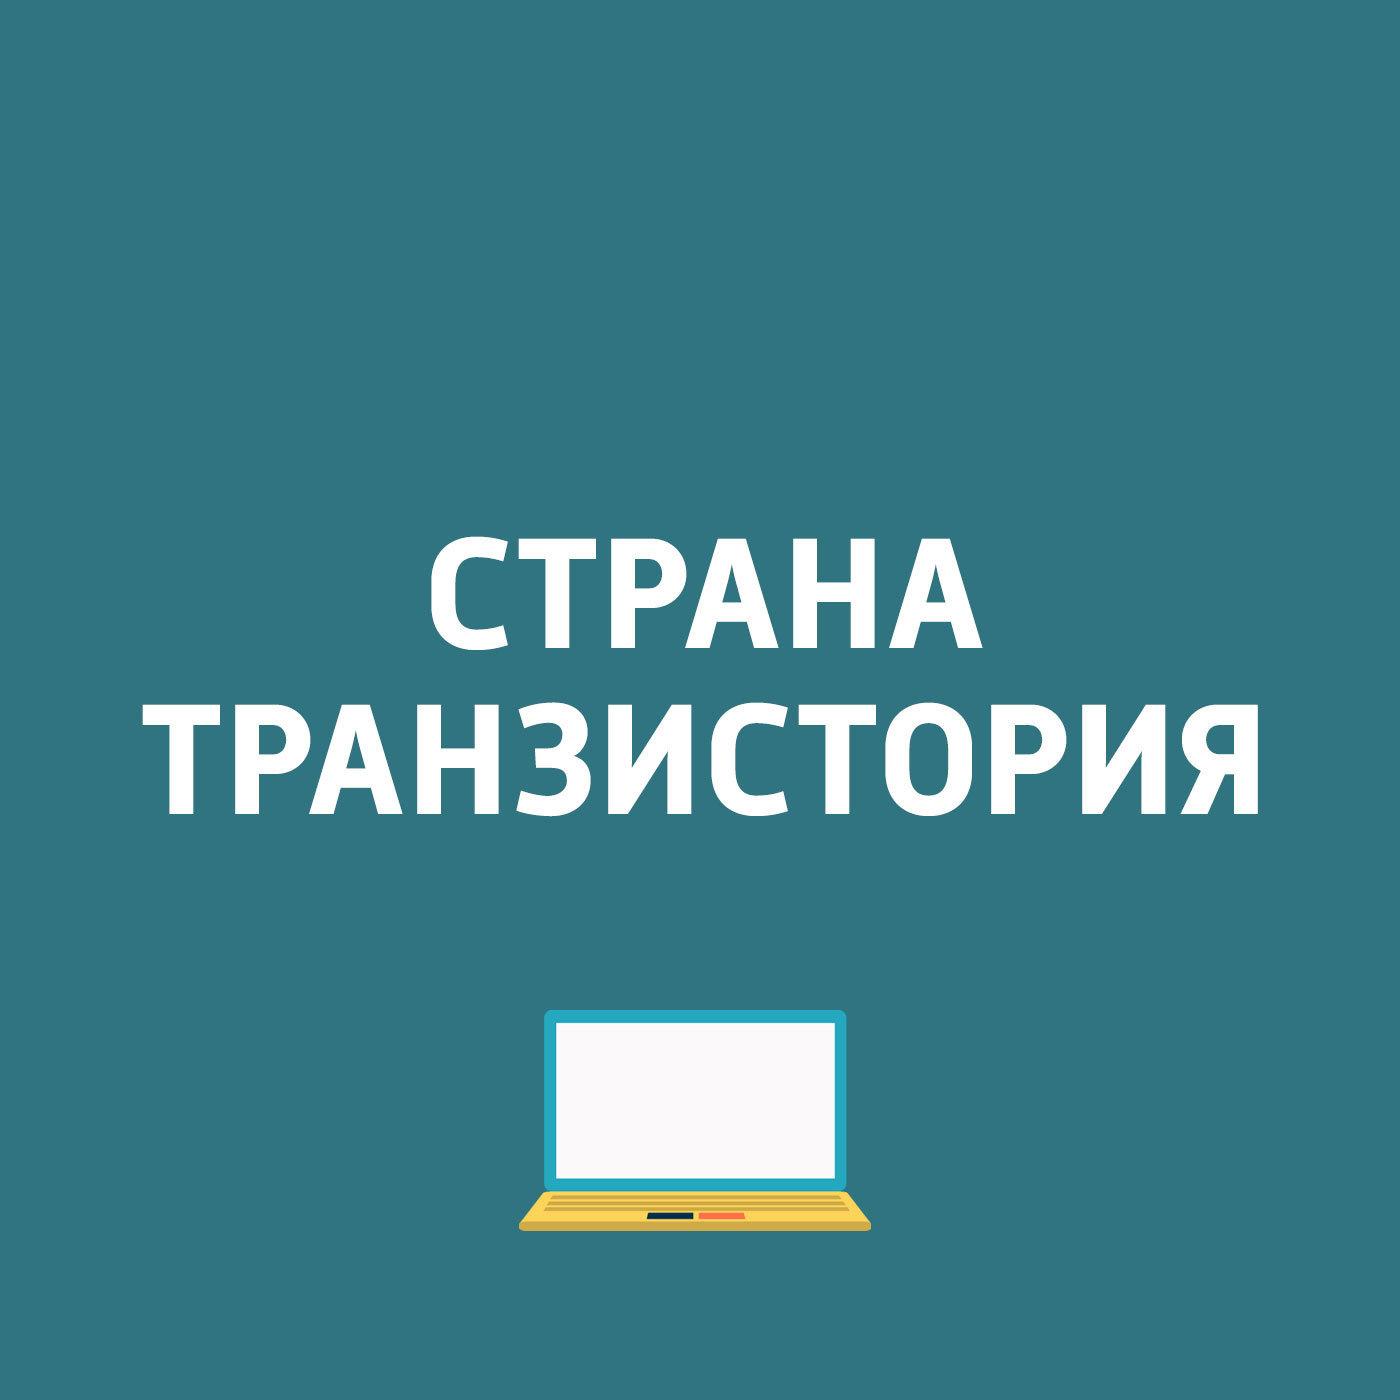 Картаев Павел Prisma запустила собственный магазин фильтров...